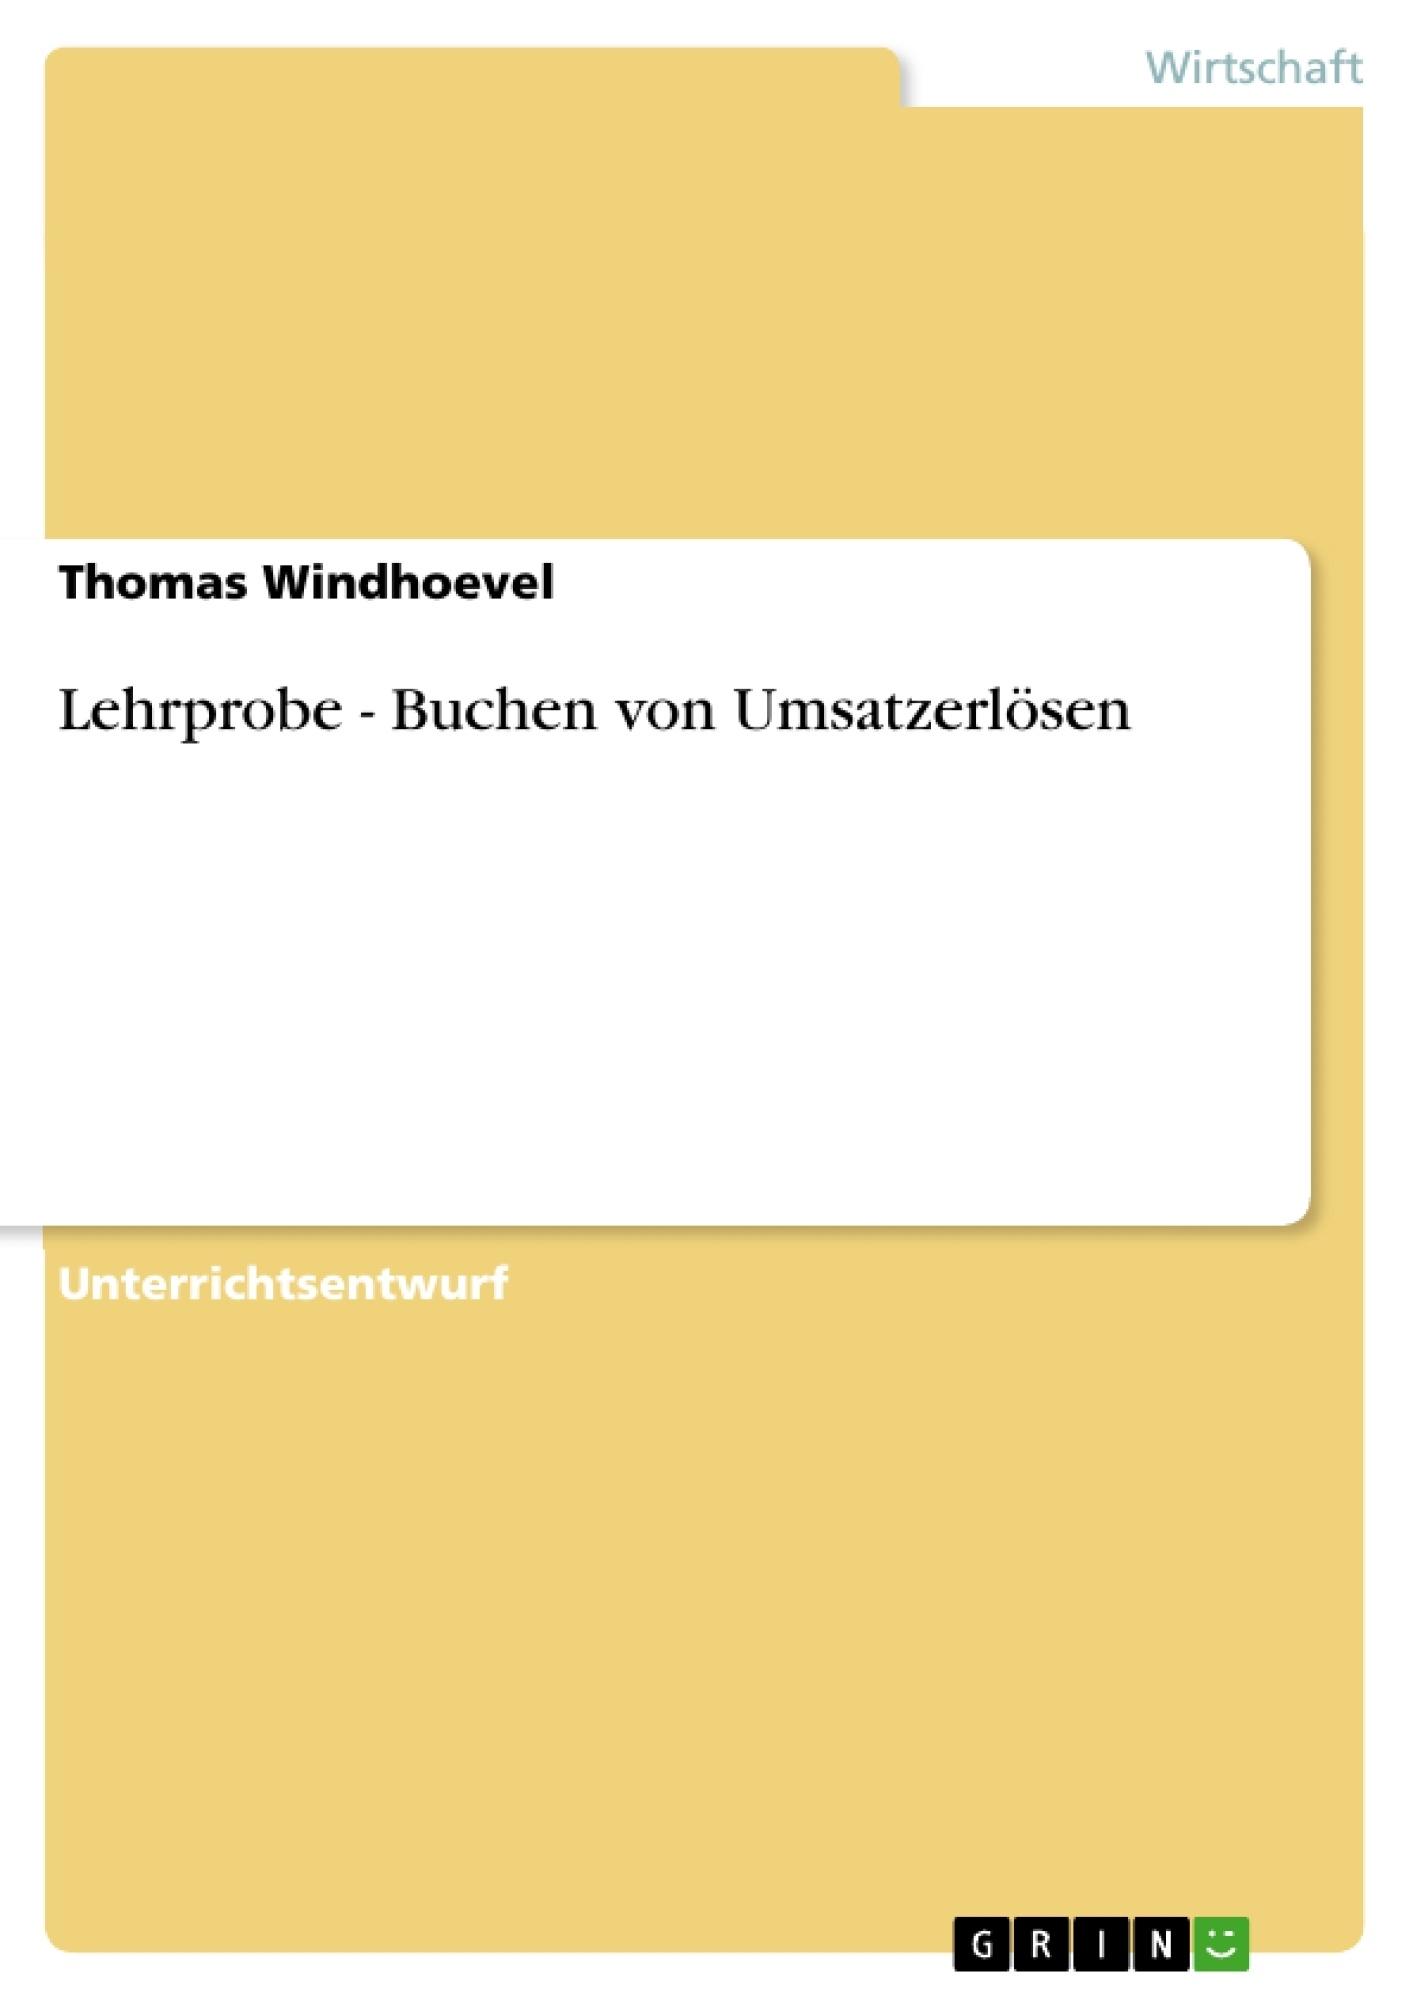 Titel: Lehrprobe - Buchen von Umsatzerlösen